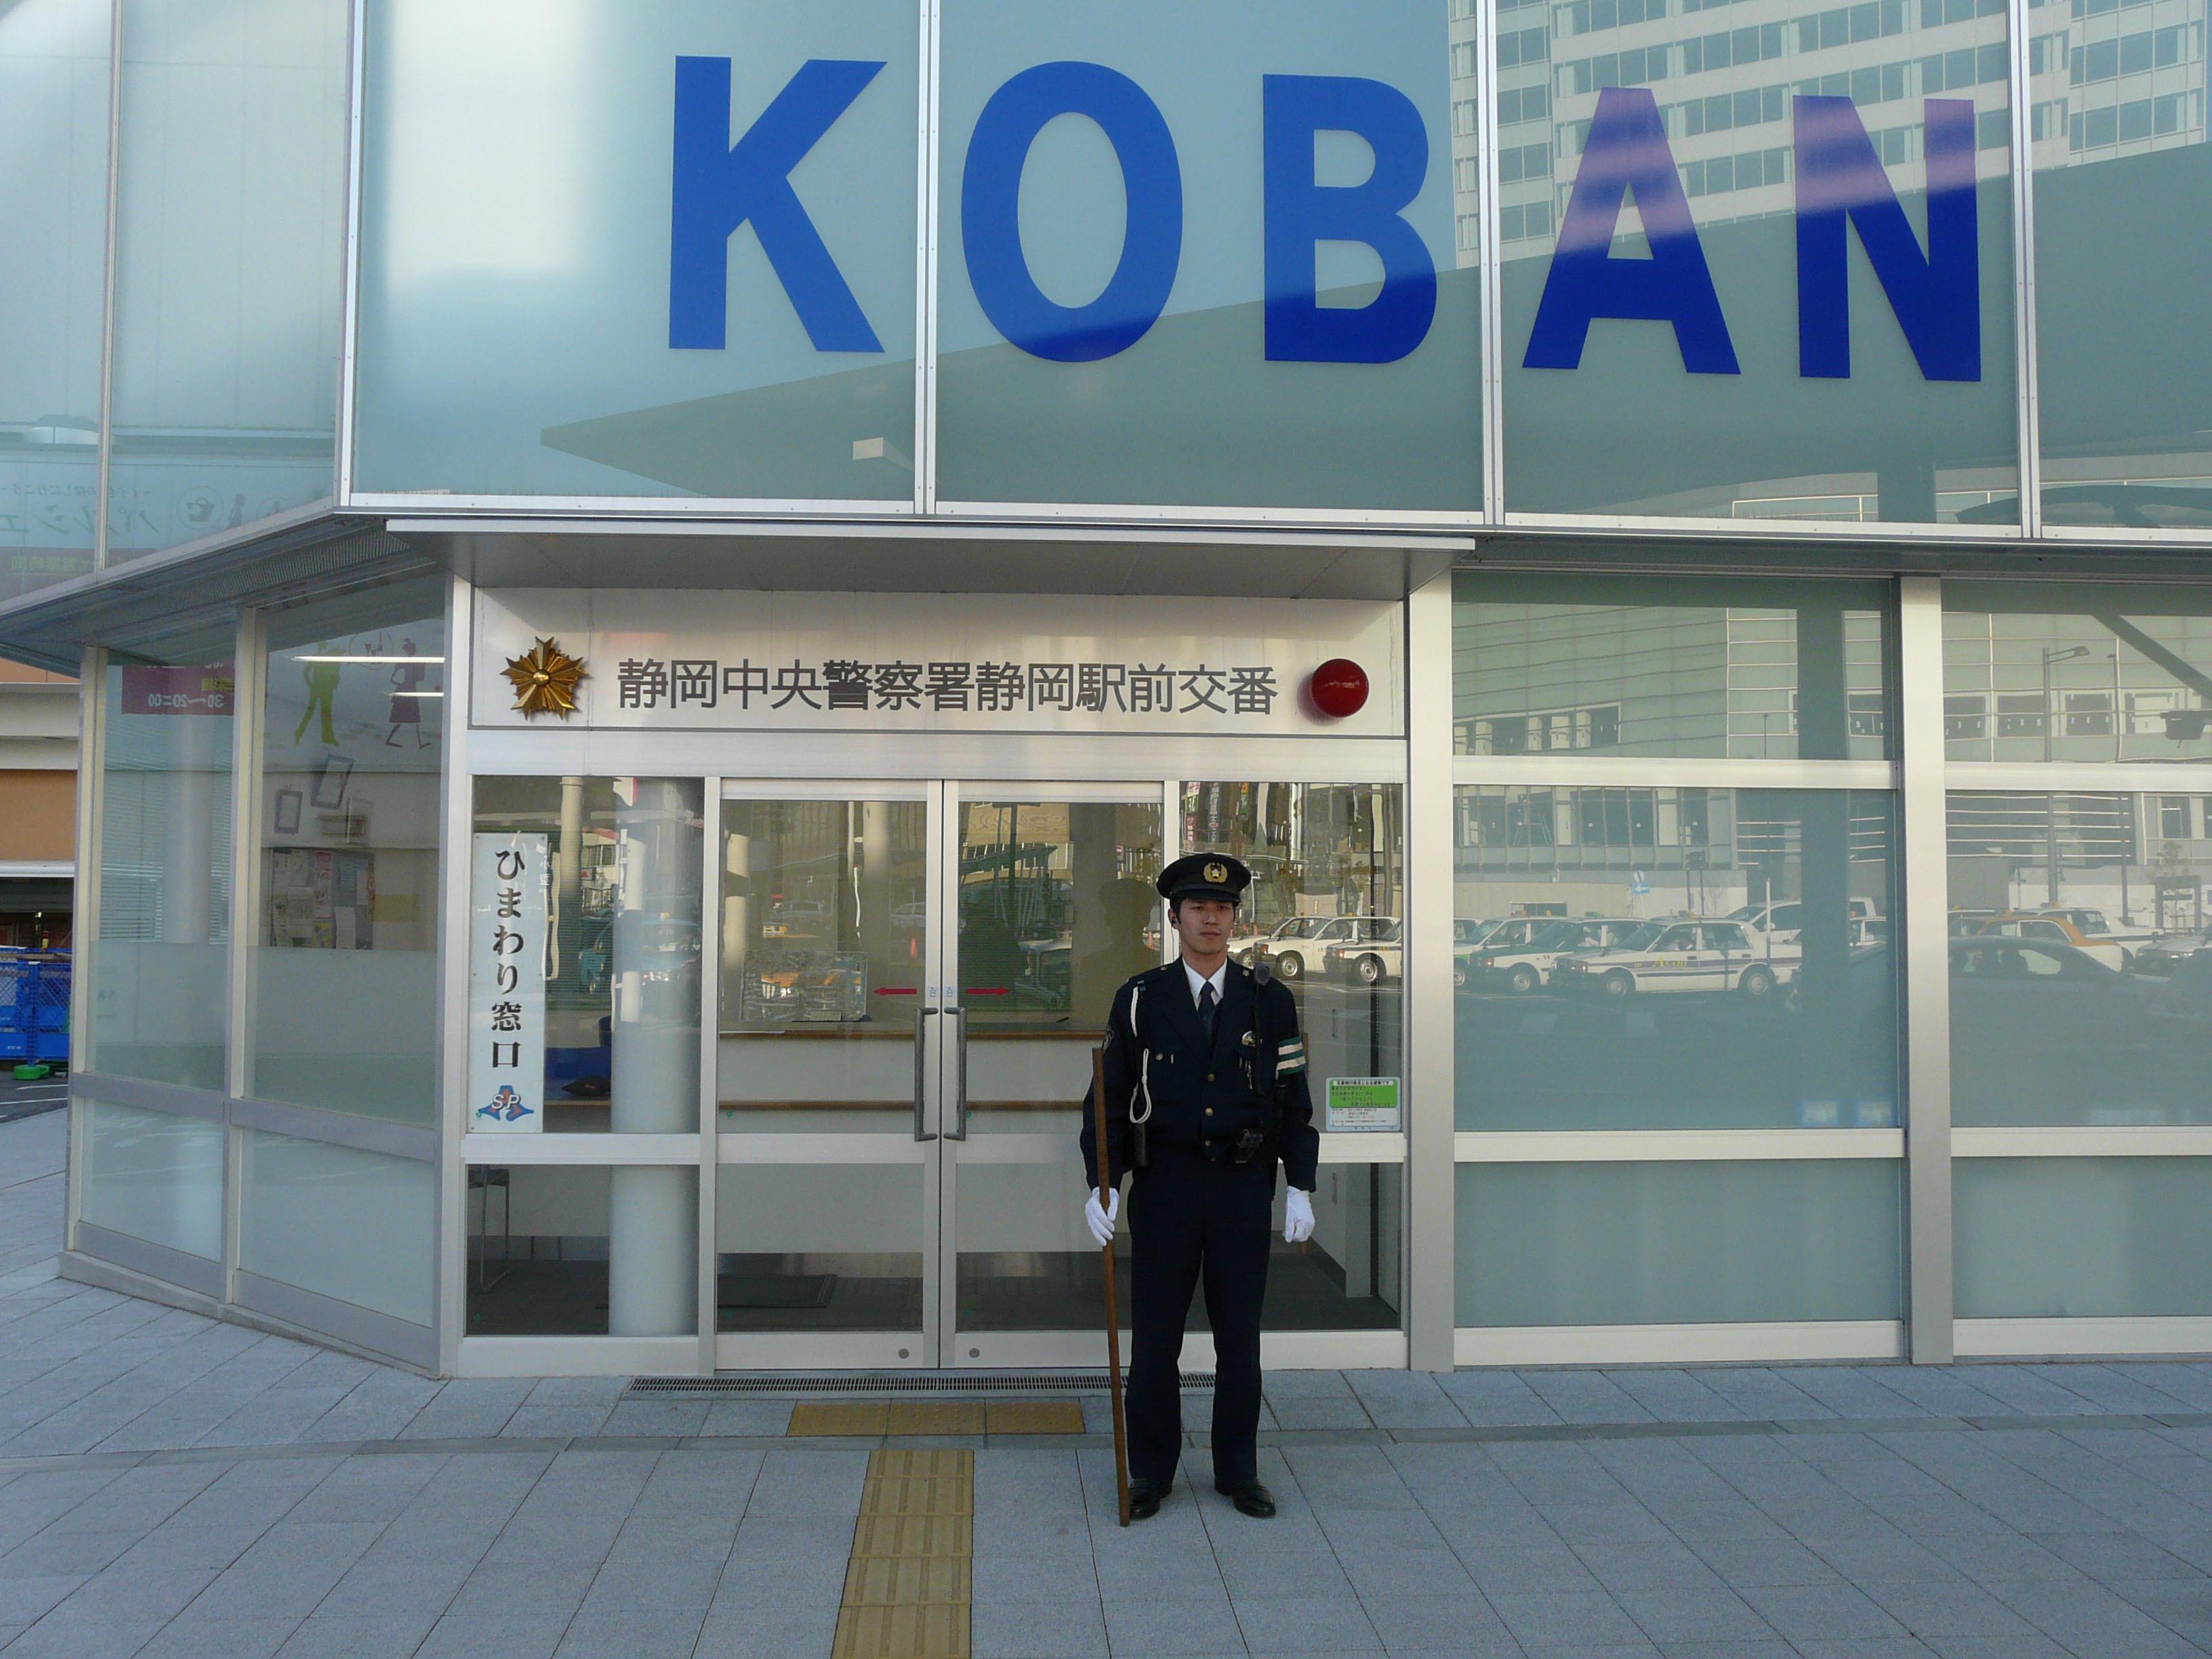 3 วิธีเอาตัวรอด เมื่อทำพาสปอร์ตหายที่ญี่ปุ่น